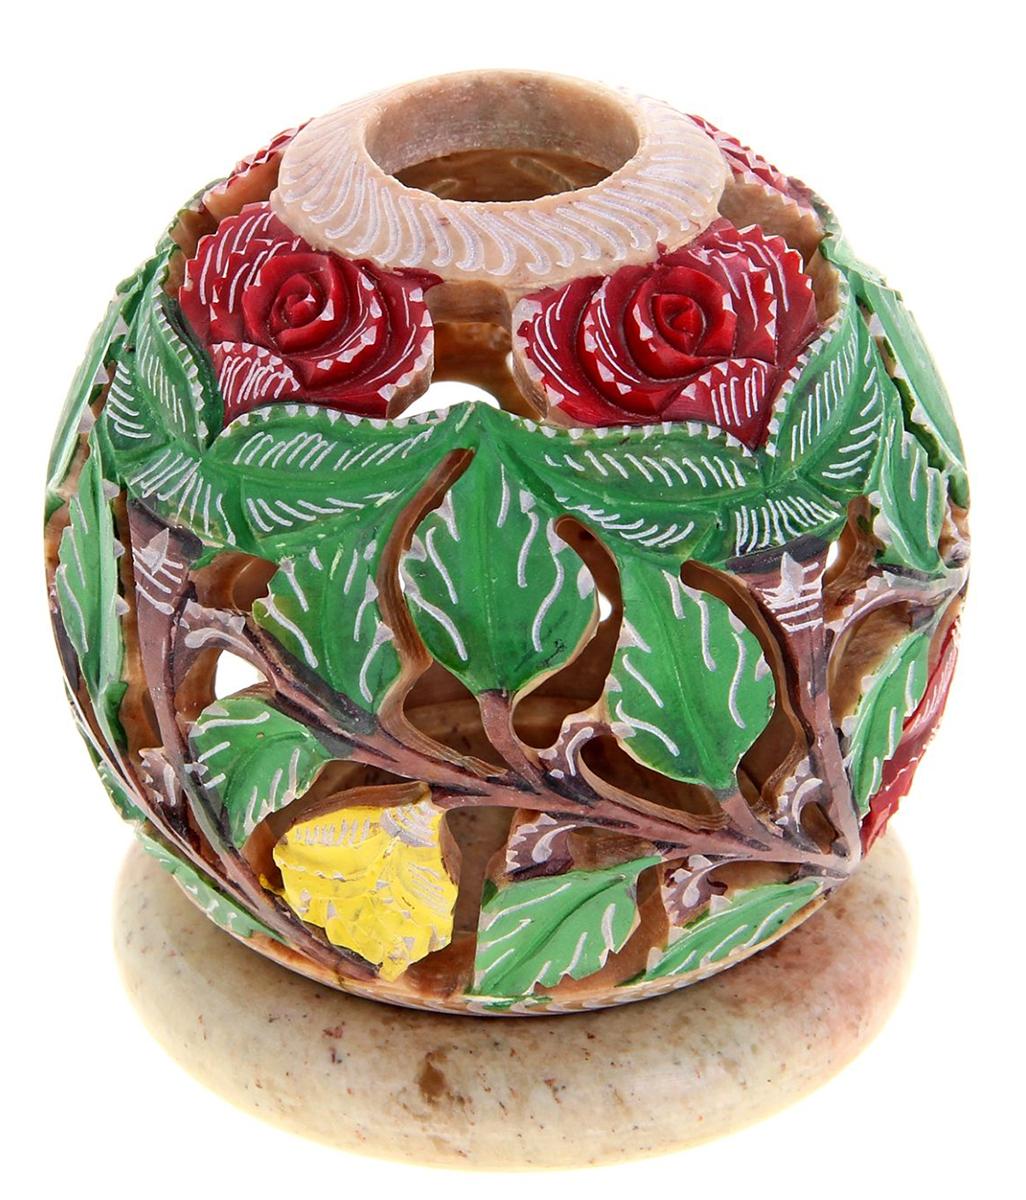 Подсвечник-шар Традиции Азии, 9 х 9 х 9 см866725Искусные индийские мастера выполнили Подсвечник-шар Традиции Азии, резной из стеатита в соответствии с древними традициями обработки камня. Посмотрите на узор этого прекрасного изделия, от него невозможно оторвать свой взгляд, проработано все до мельчайших деталей. Вы также можете вставить в серединку ароматическую палочку, а если снять шар, то изумительный подсвечник легким движением руки превратится в подставку под благовония-конус или же подсвечник для толстых свечей. Универсальная вещь, которая придаст нотку азиатской экзотики в привычную обстановку.